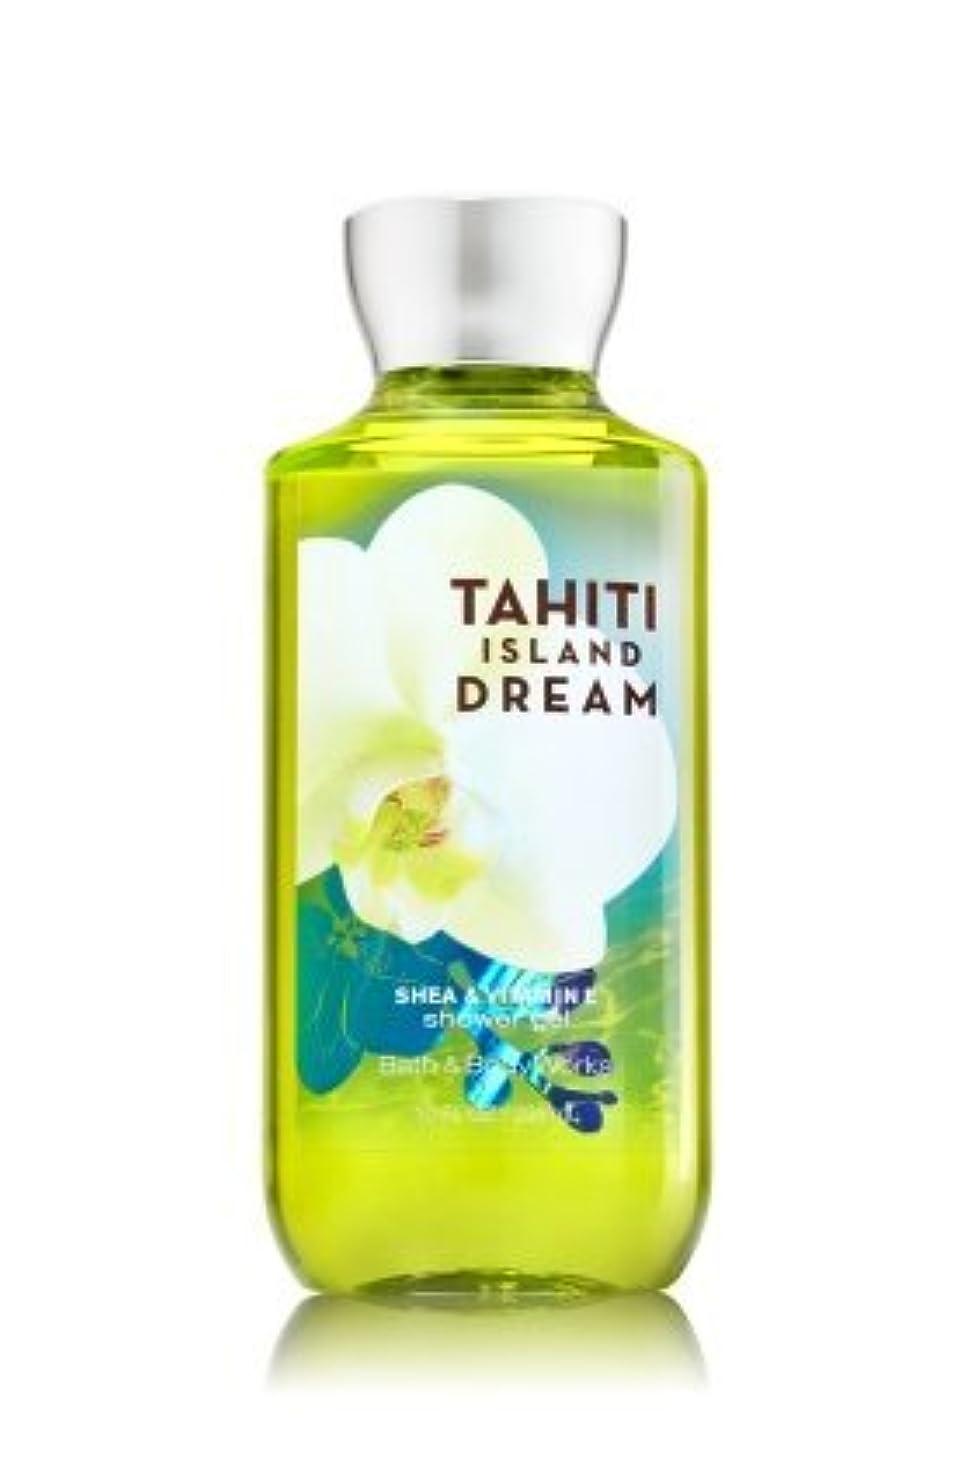 強調同化子孫【Bath&Body Works/バス&ボディワークス】 シャワージェル タヒチアイランドドリーム Shower Gel Tahiti Island Dream 10 fl oz / 295 mL [並行輸入品]